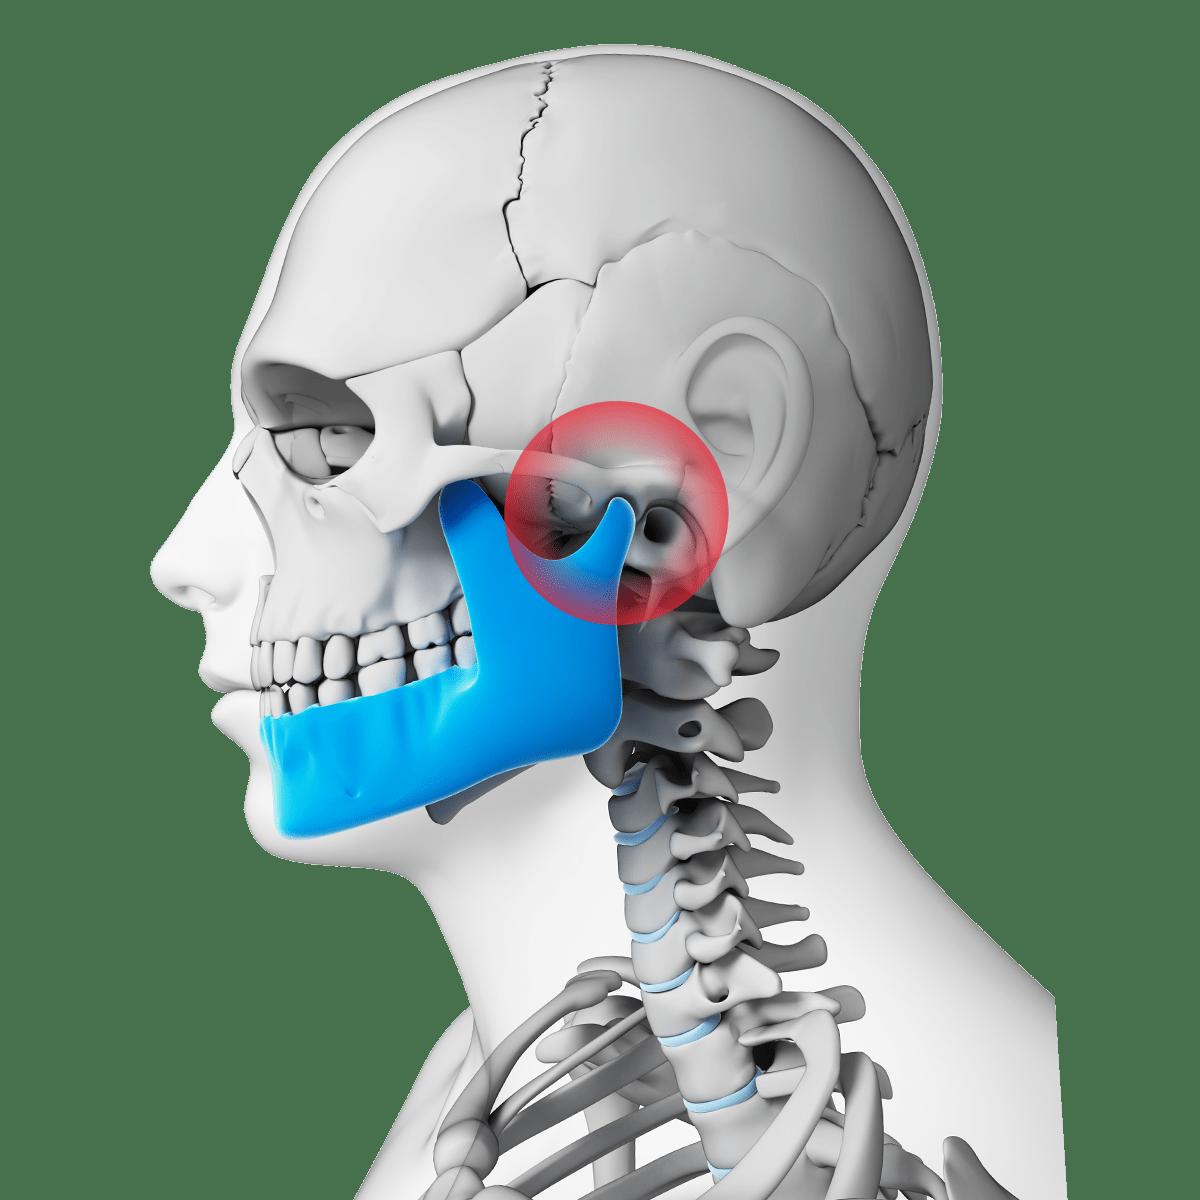 hight resolution of digital illustration of neck and skull highlighting the tmj